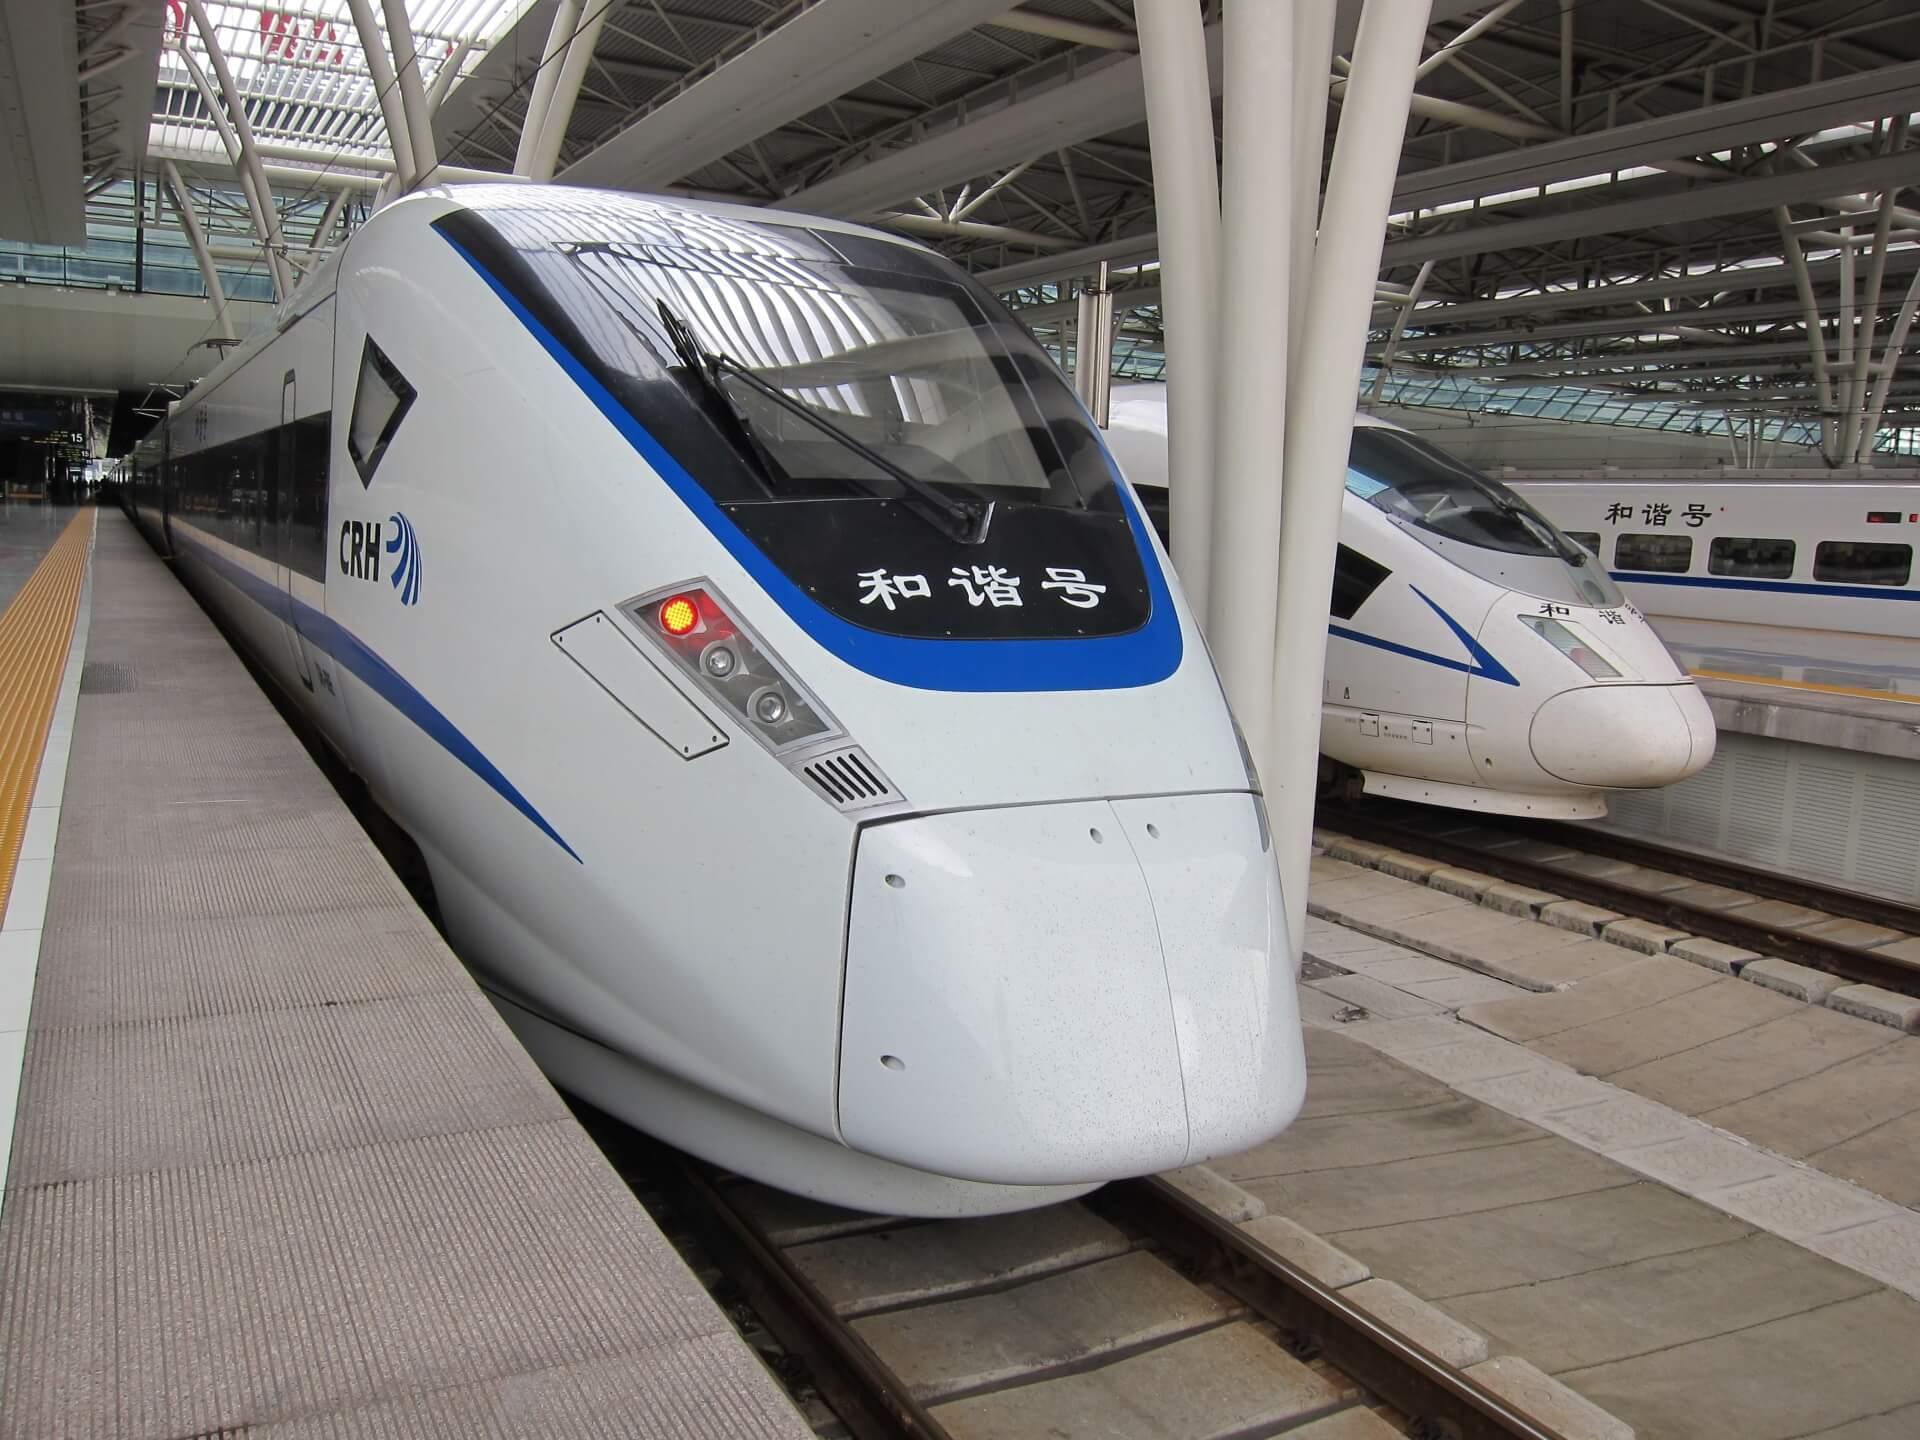 【覇座】日本ではあり得ない!?驚くべき中国の文化「覇座」とは?